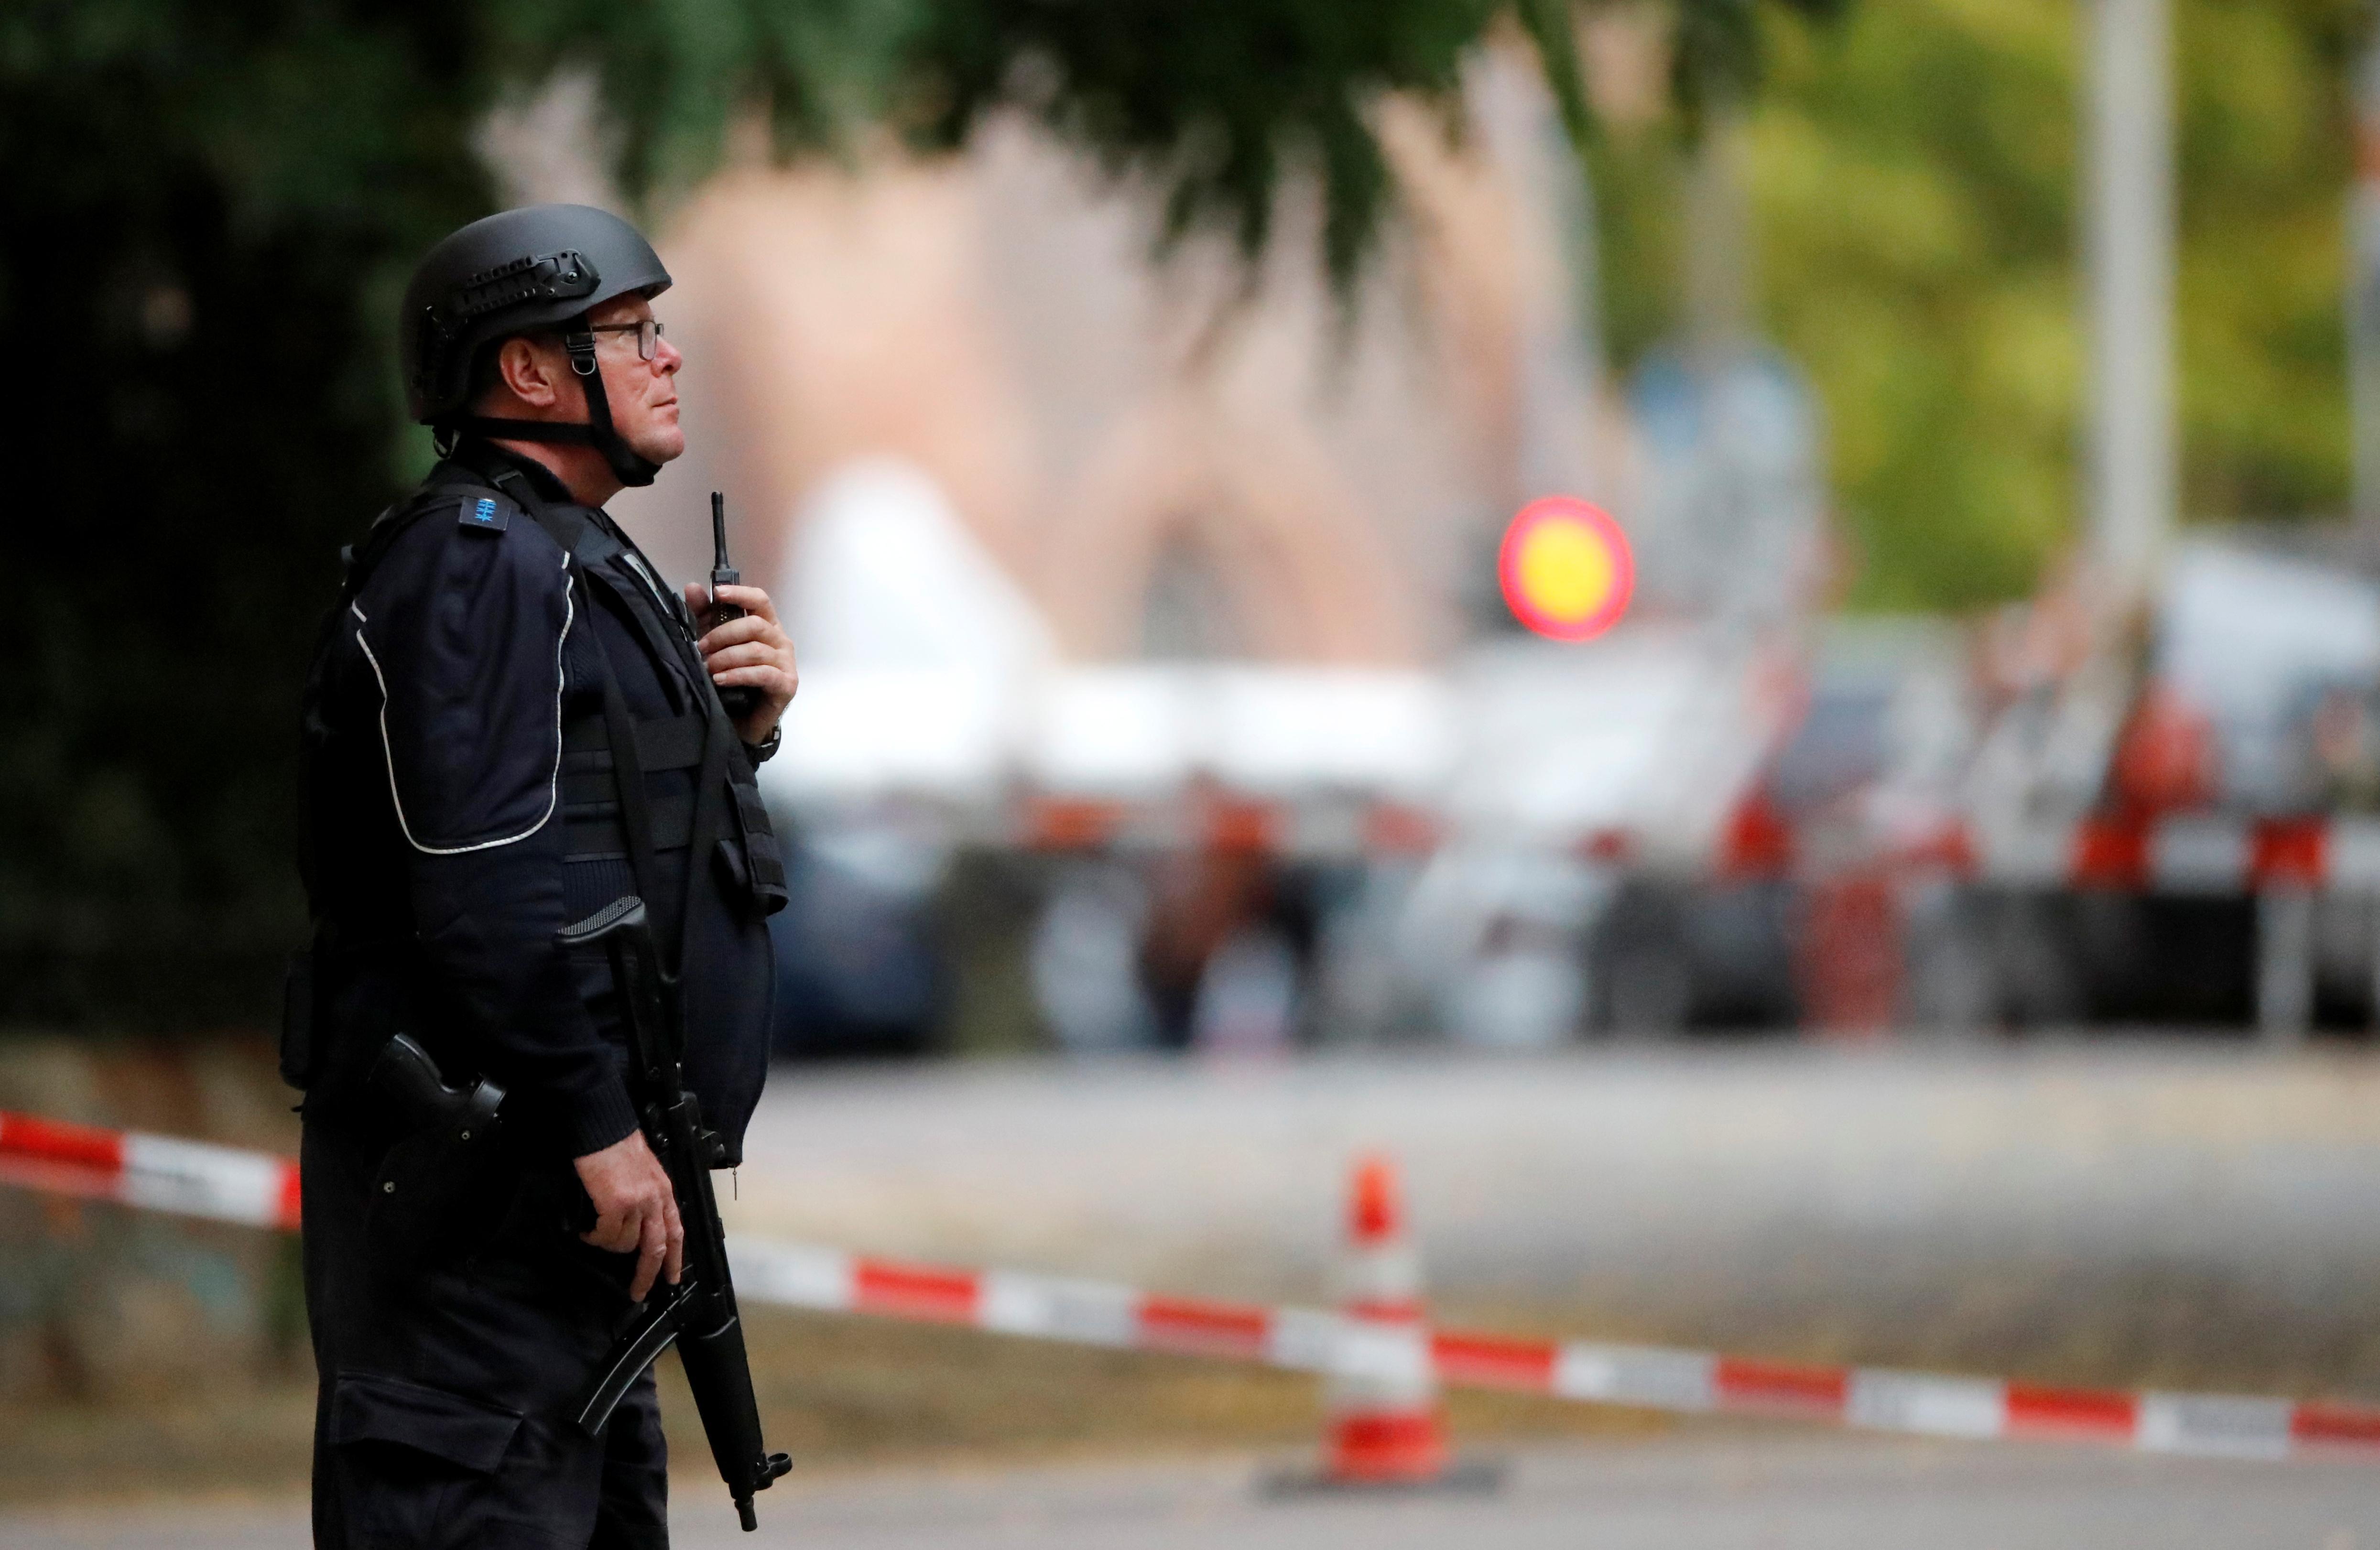 Deux personnes tuées dans une fusillade dans une synagogue en Allemagne, des suspects s'enfuient dans une voiture détournée